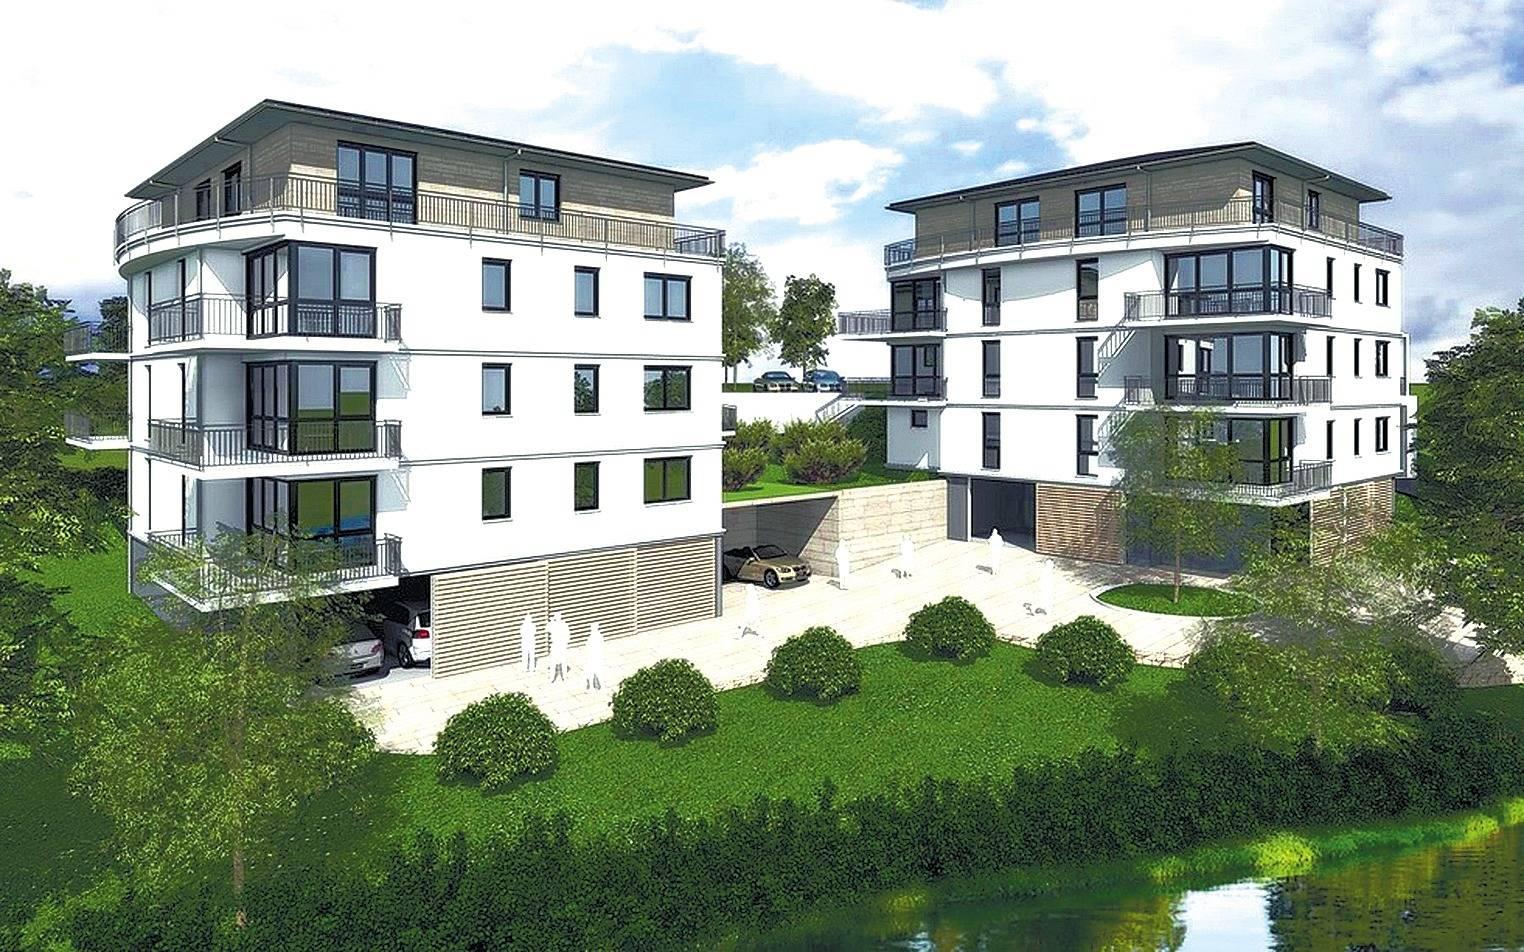 Neckargem nd zur stadt geh rt auch moderne architektur - Architektur moderne ...